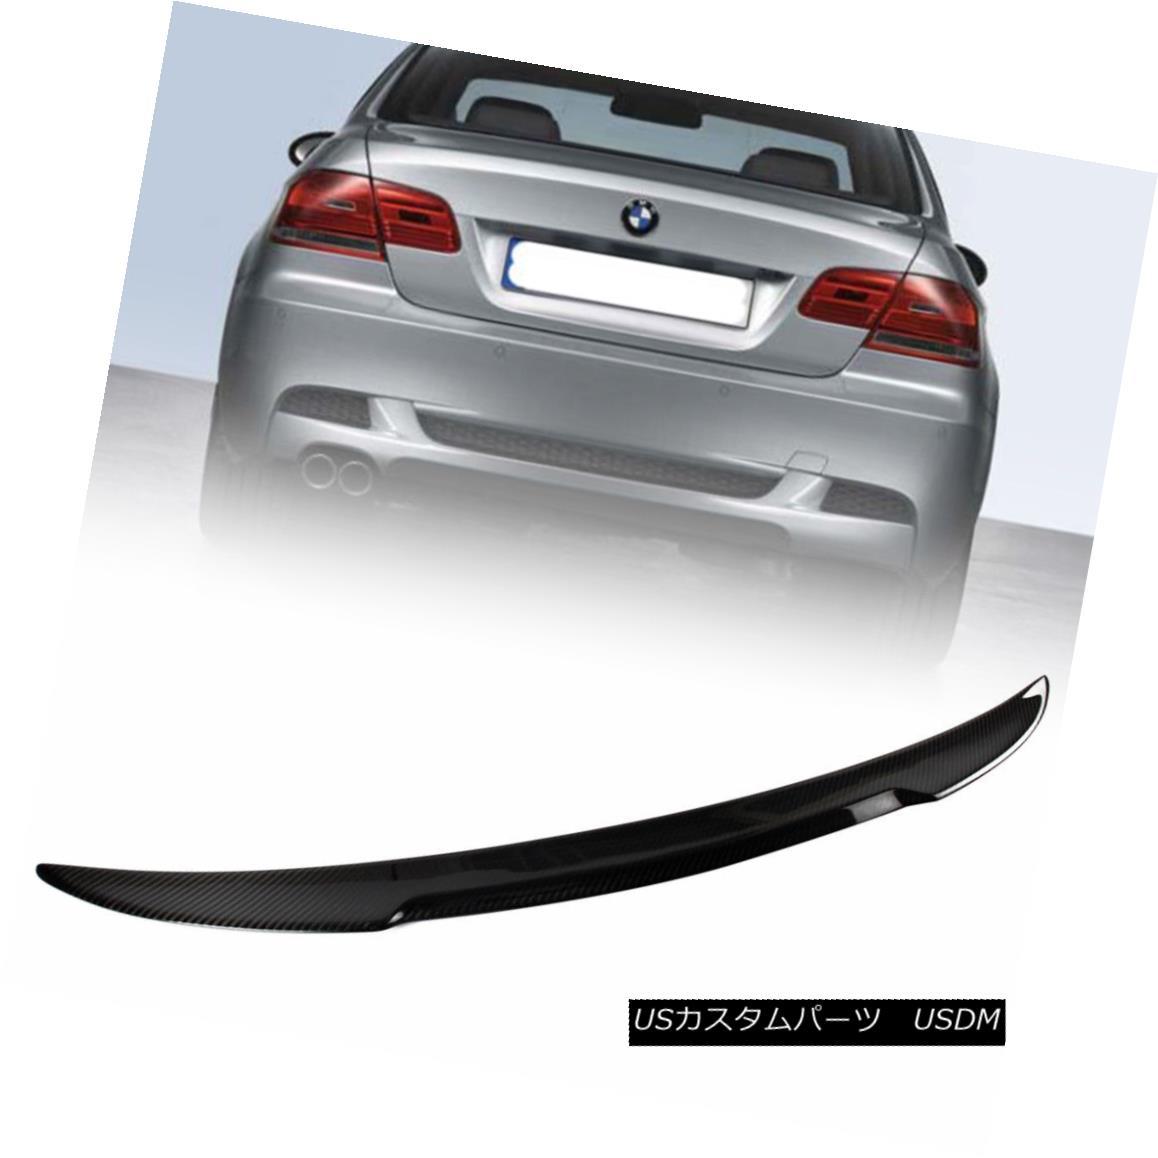 エアロパーツ One Day Ship- 2007up Carbon Fiber For BMW E92 Coupe M4 Style Rear Trunk Spoiler 1日の船 - BMW E92クーペM4スタイルのリア・トランク・スポイラー用2007upカーボンファイバー